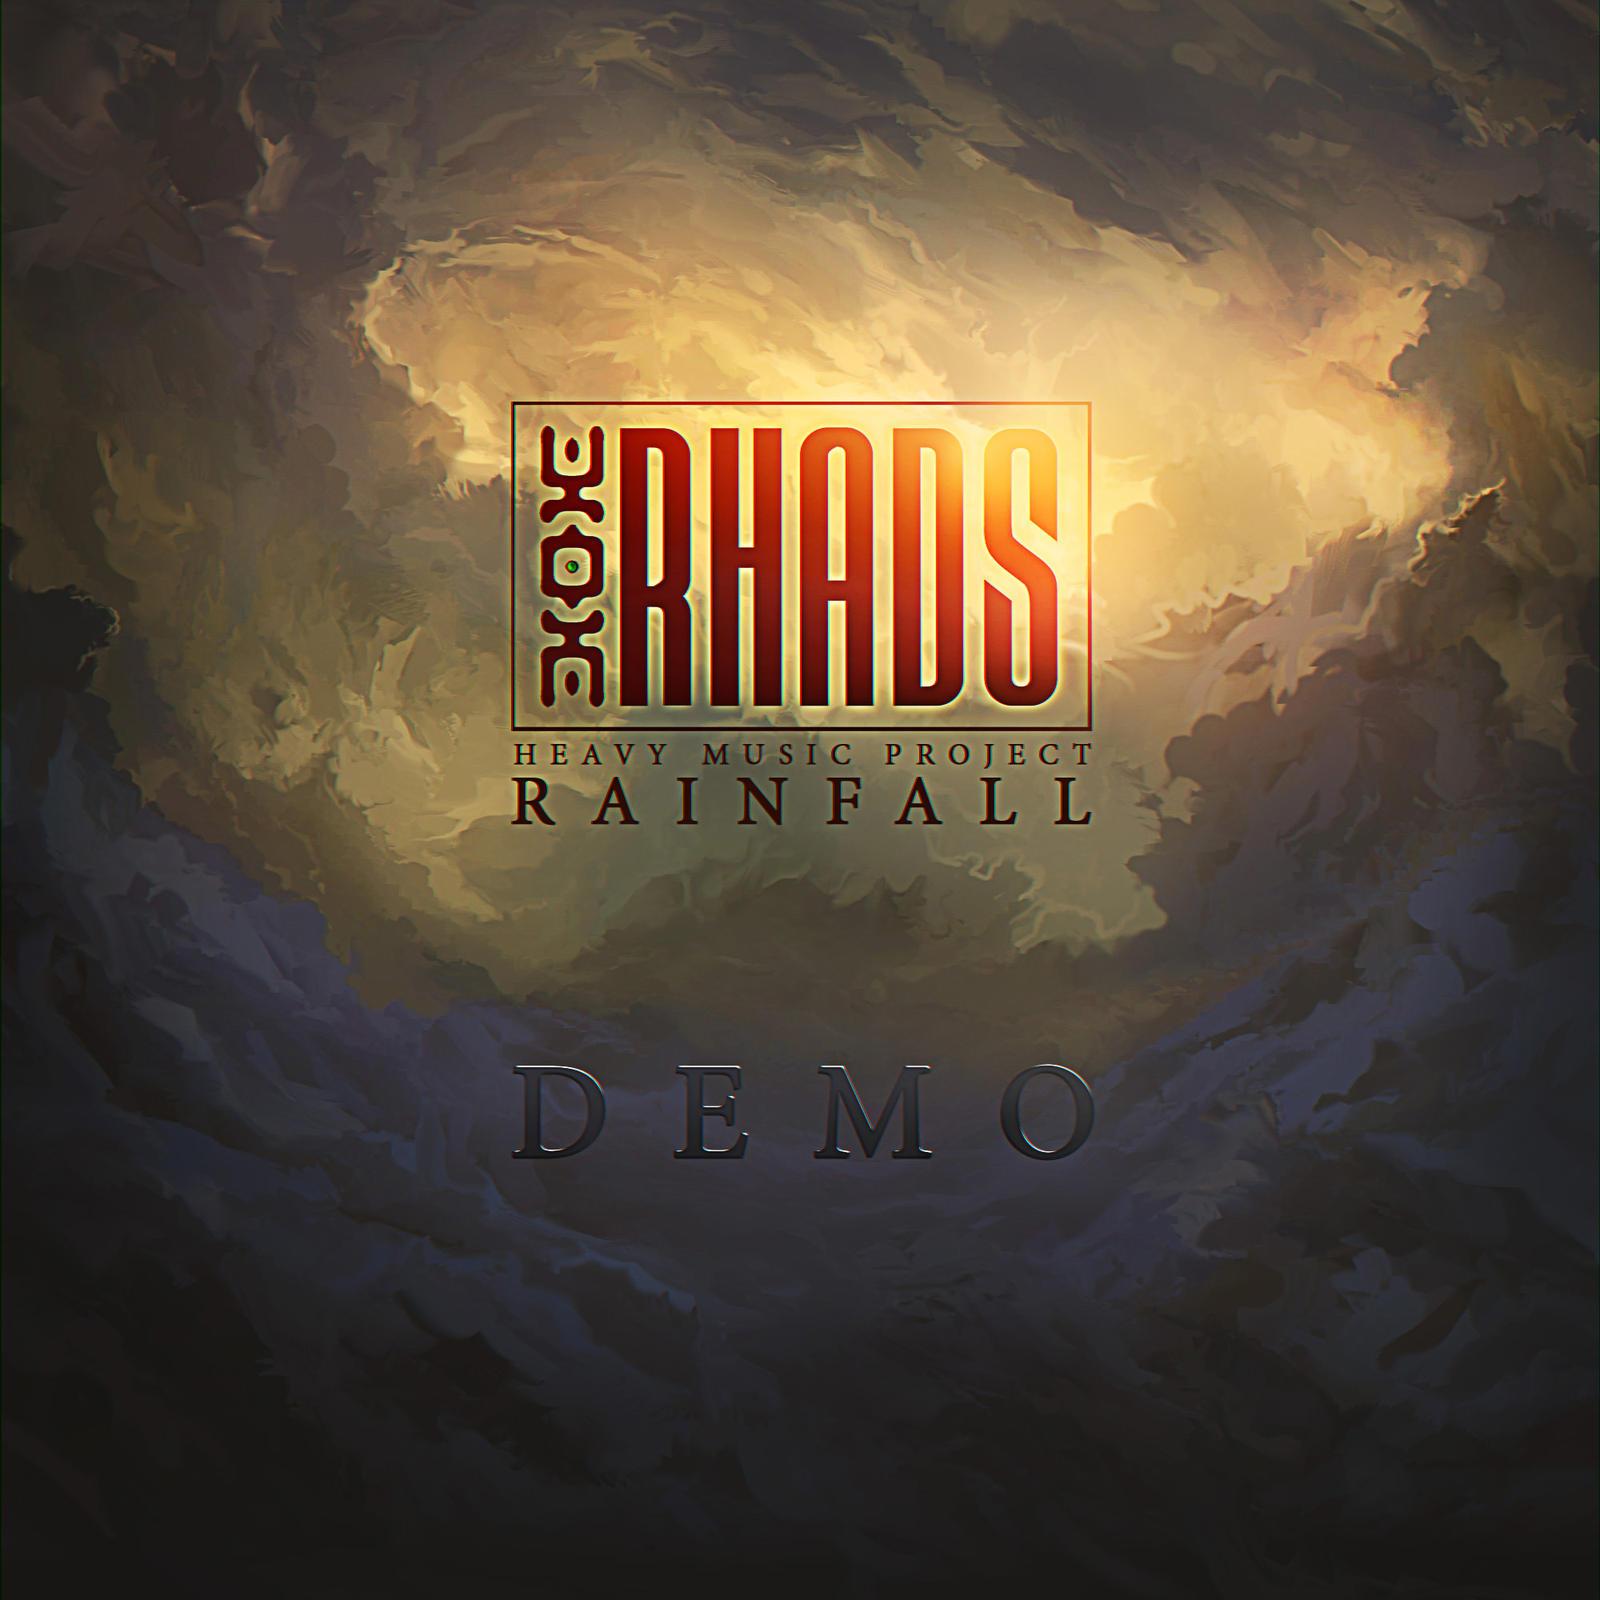 Music Project Rainfall by RHADS by RHADS